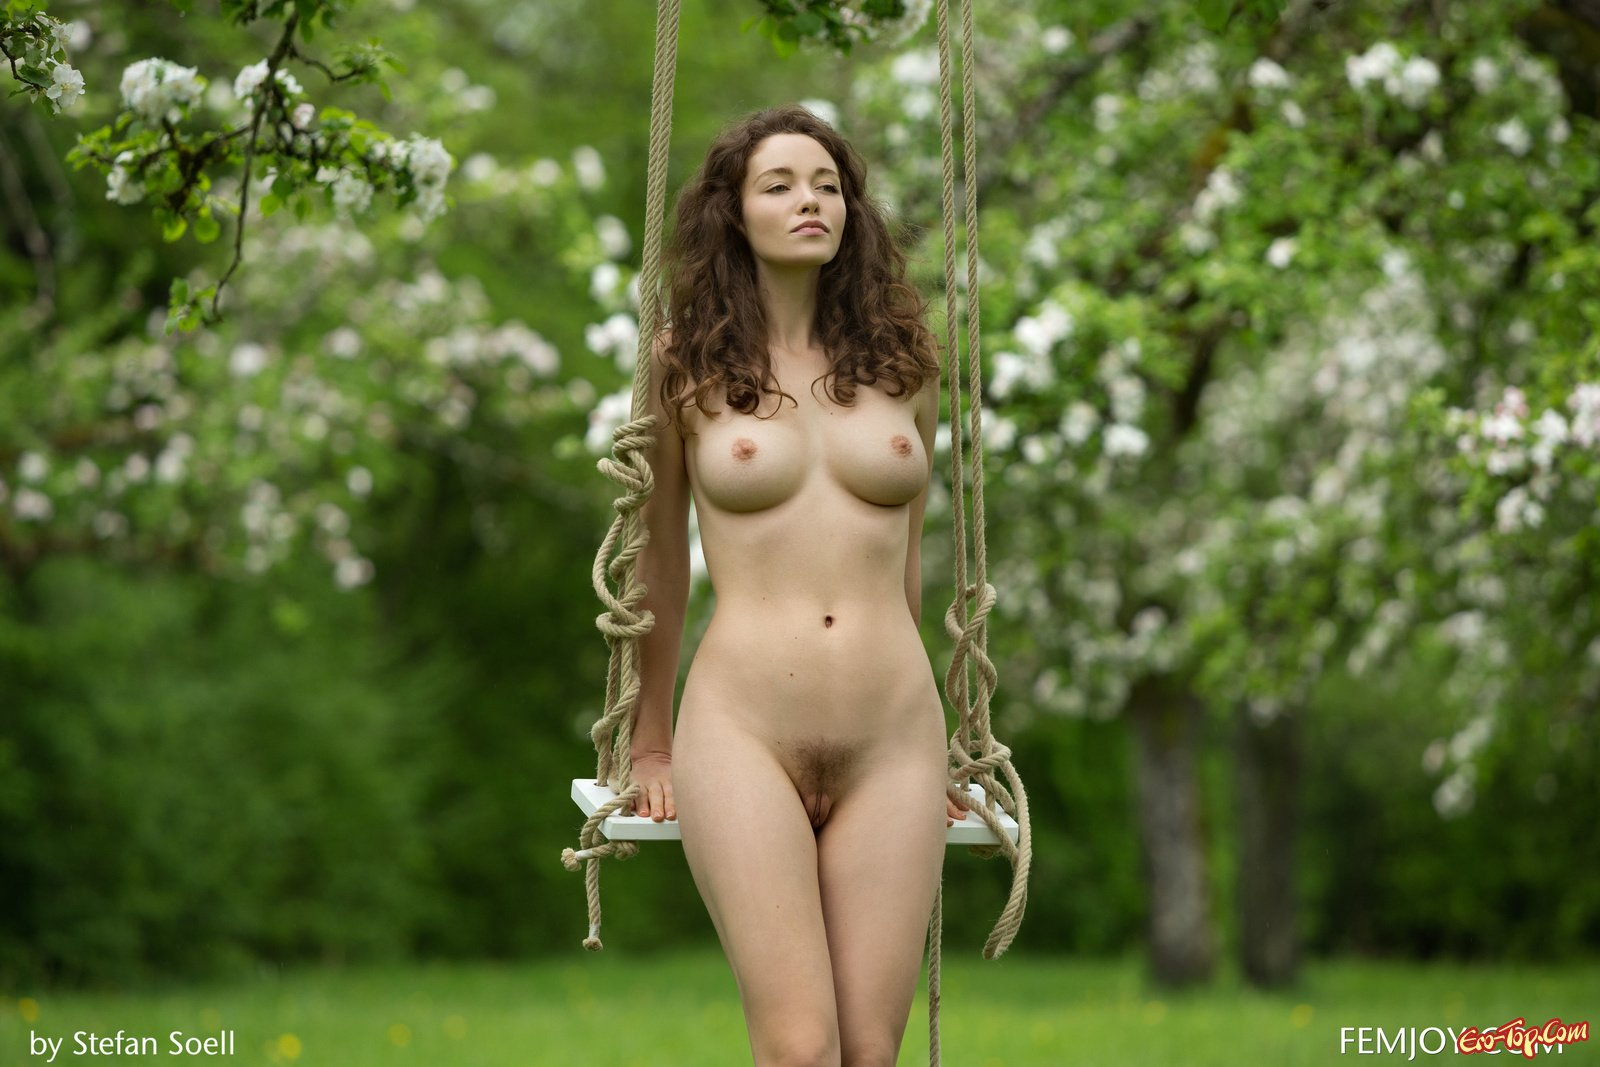 Desi nude beach girls